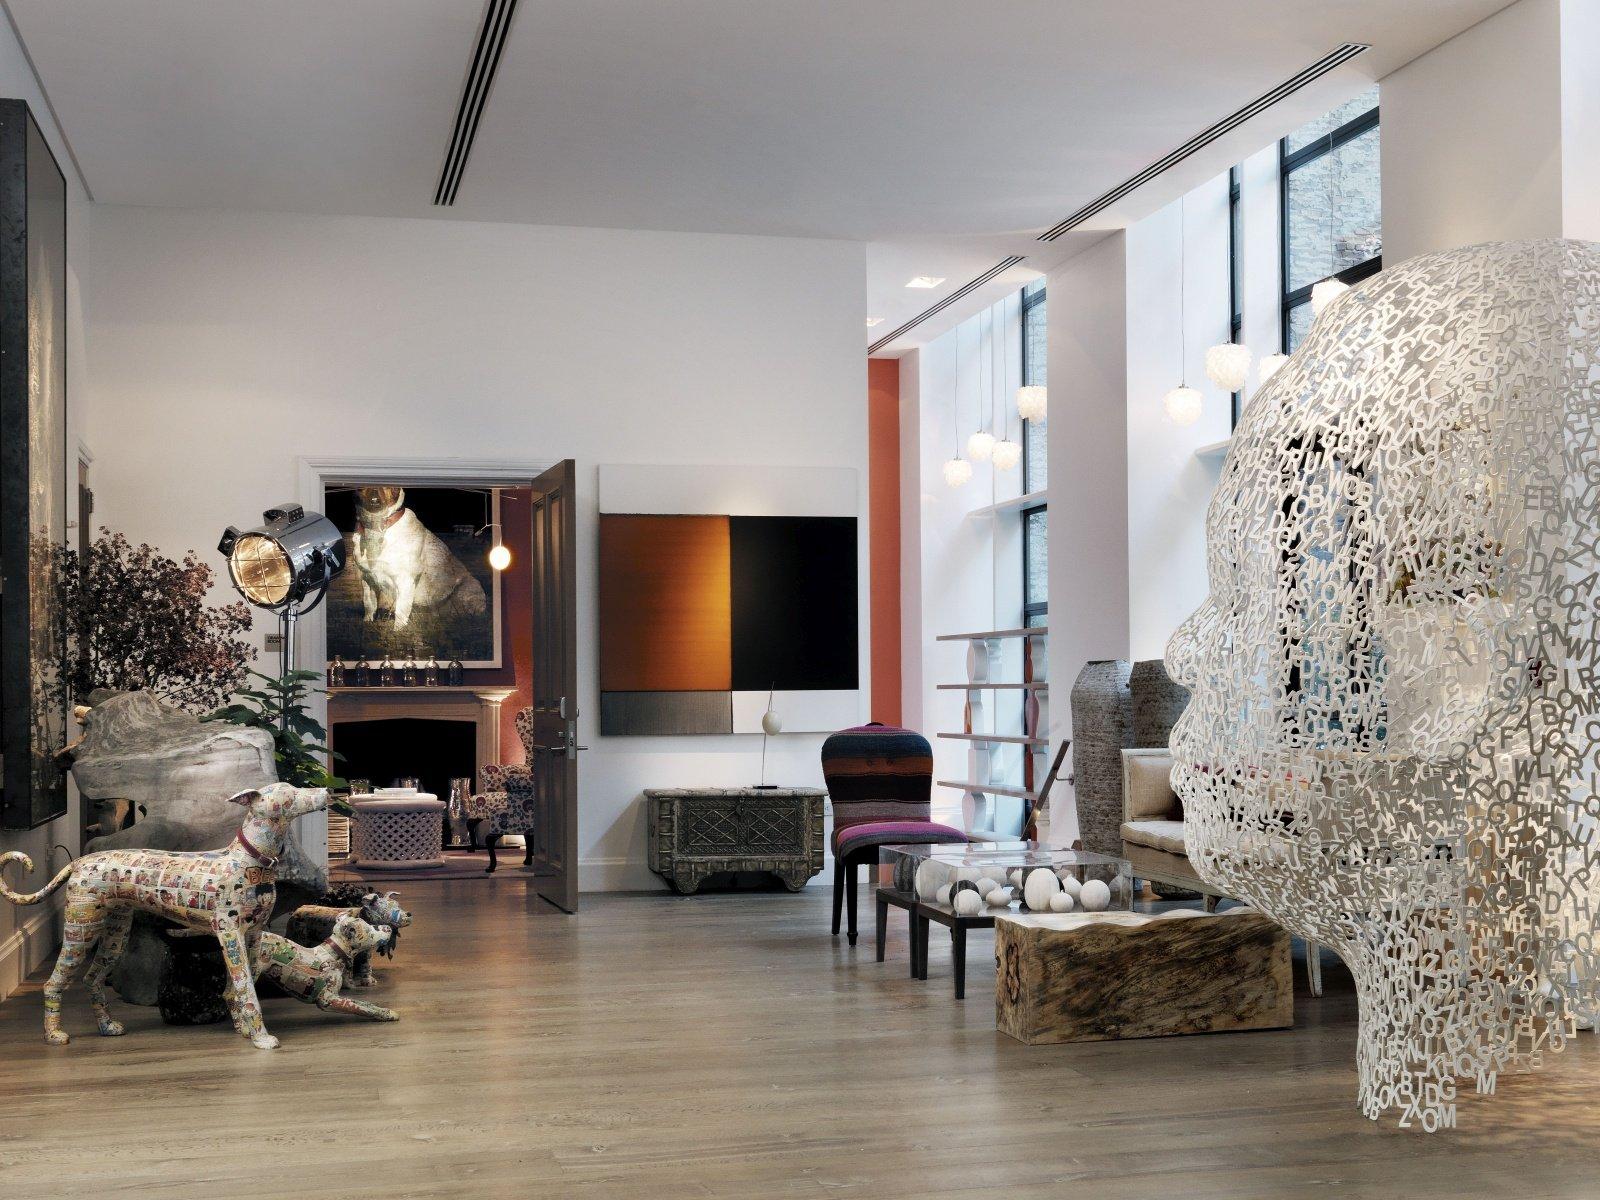 Скульптуры в интерьере в стиле модерн